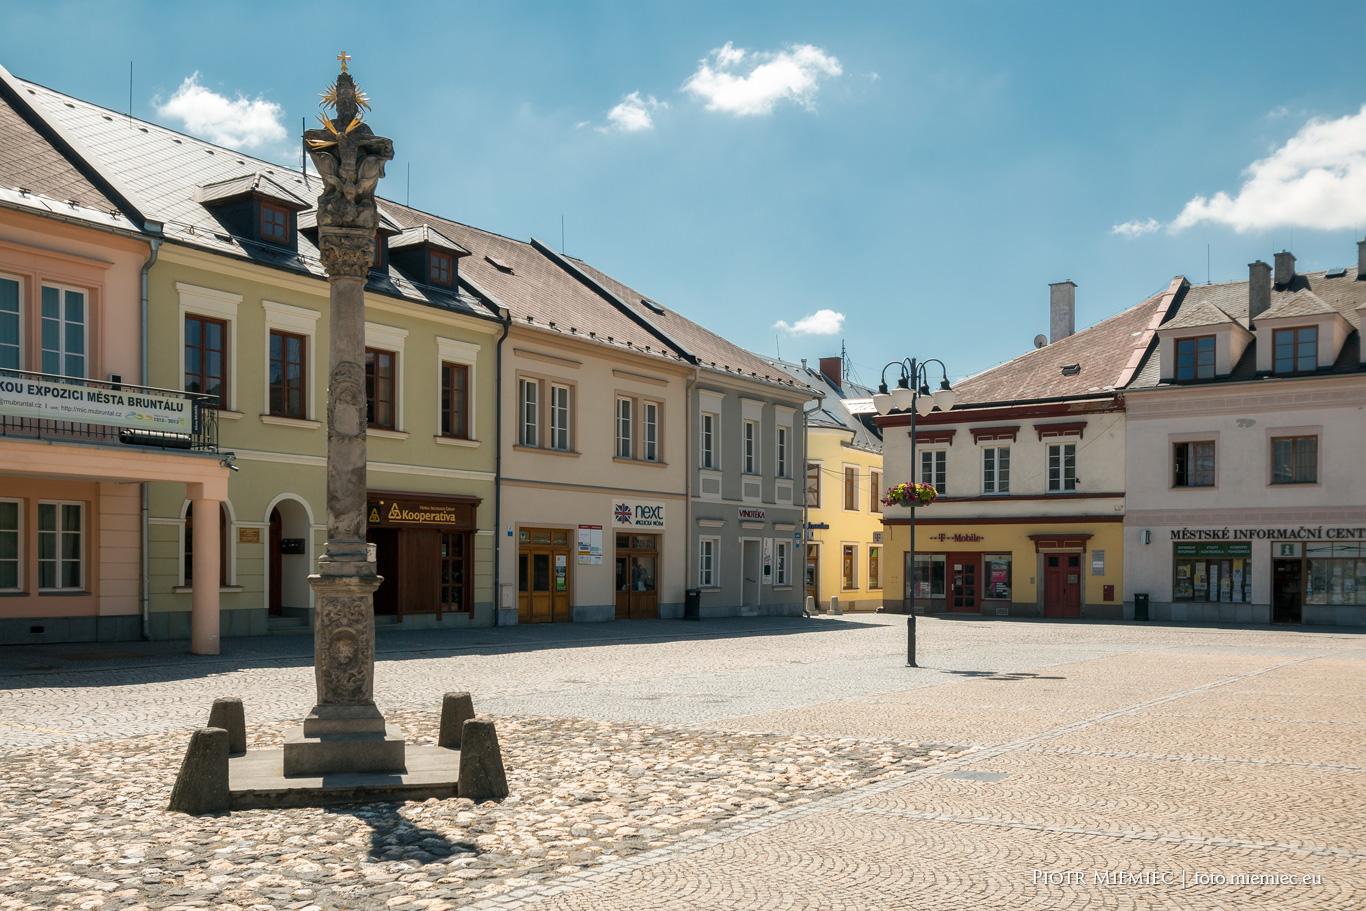 Miasto Bruntal Śląsk